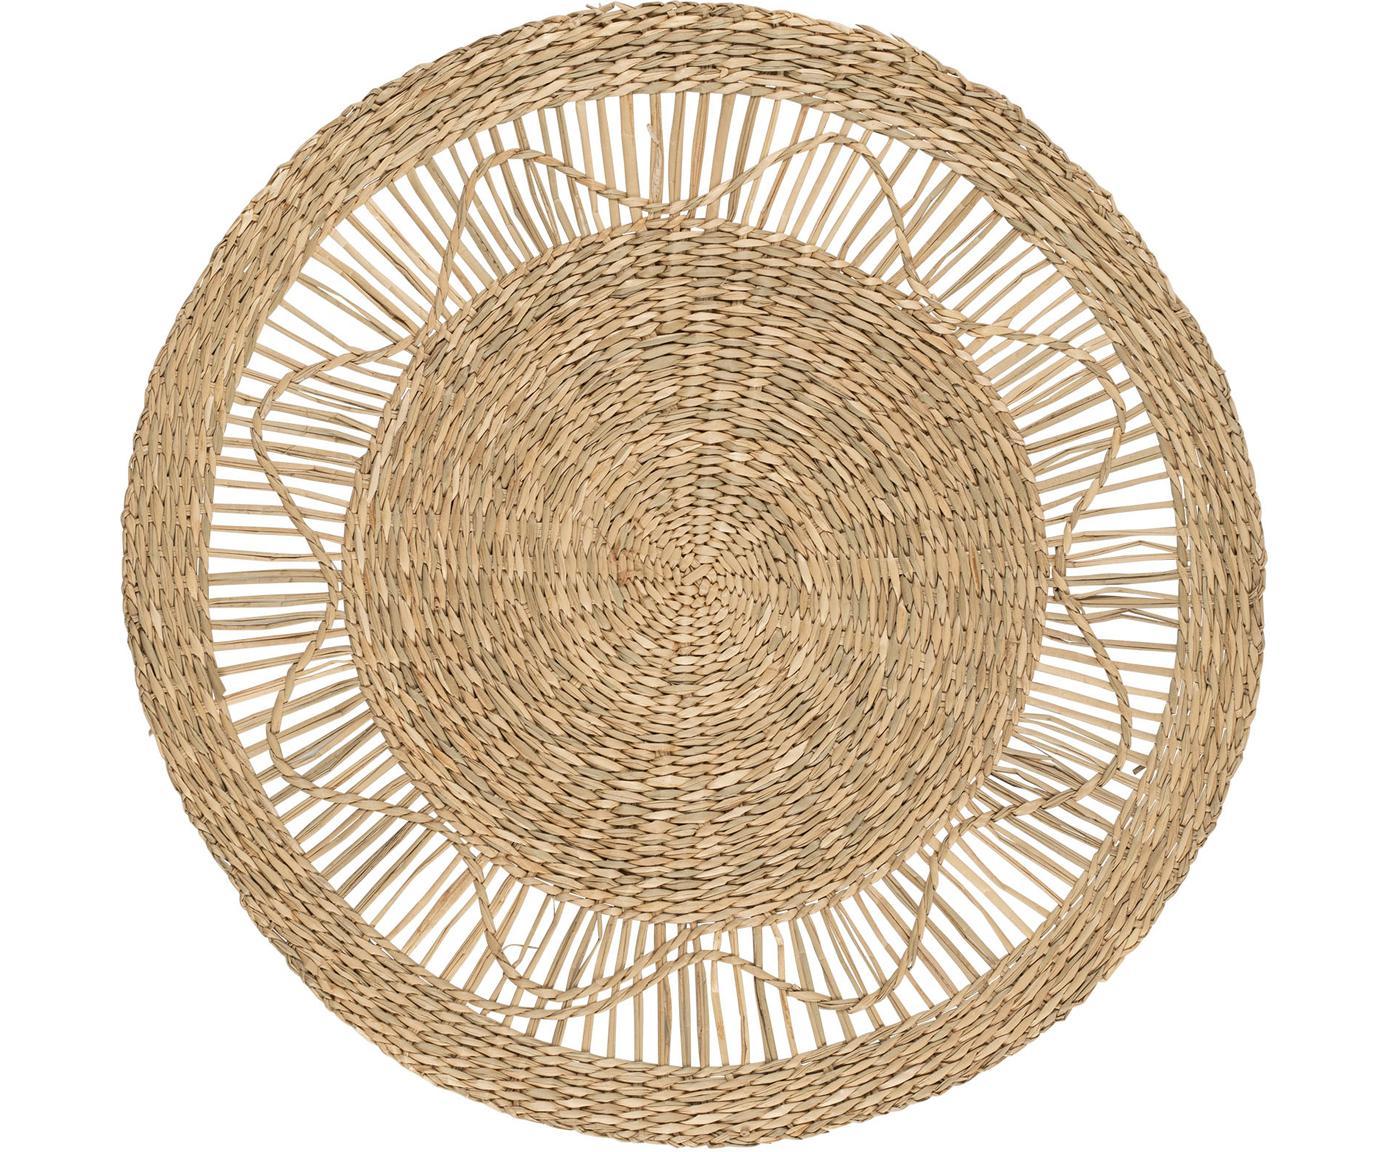 Tischset Gipsy, Seegras, Beige, Ø 35 cm